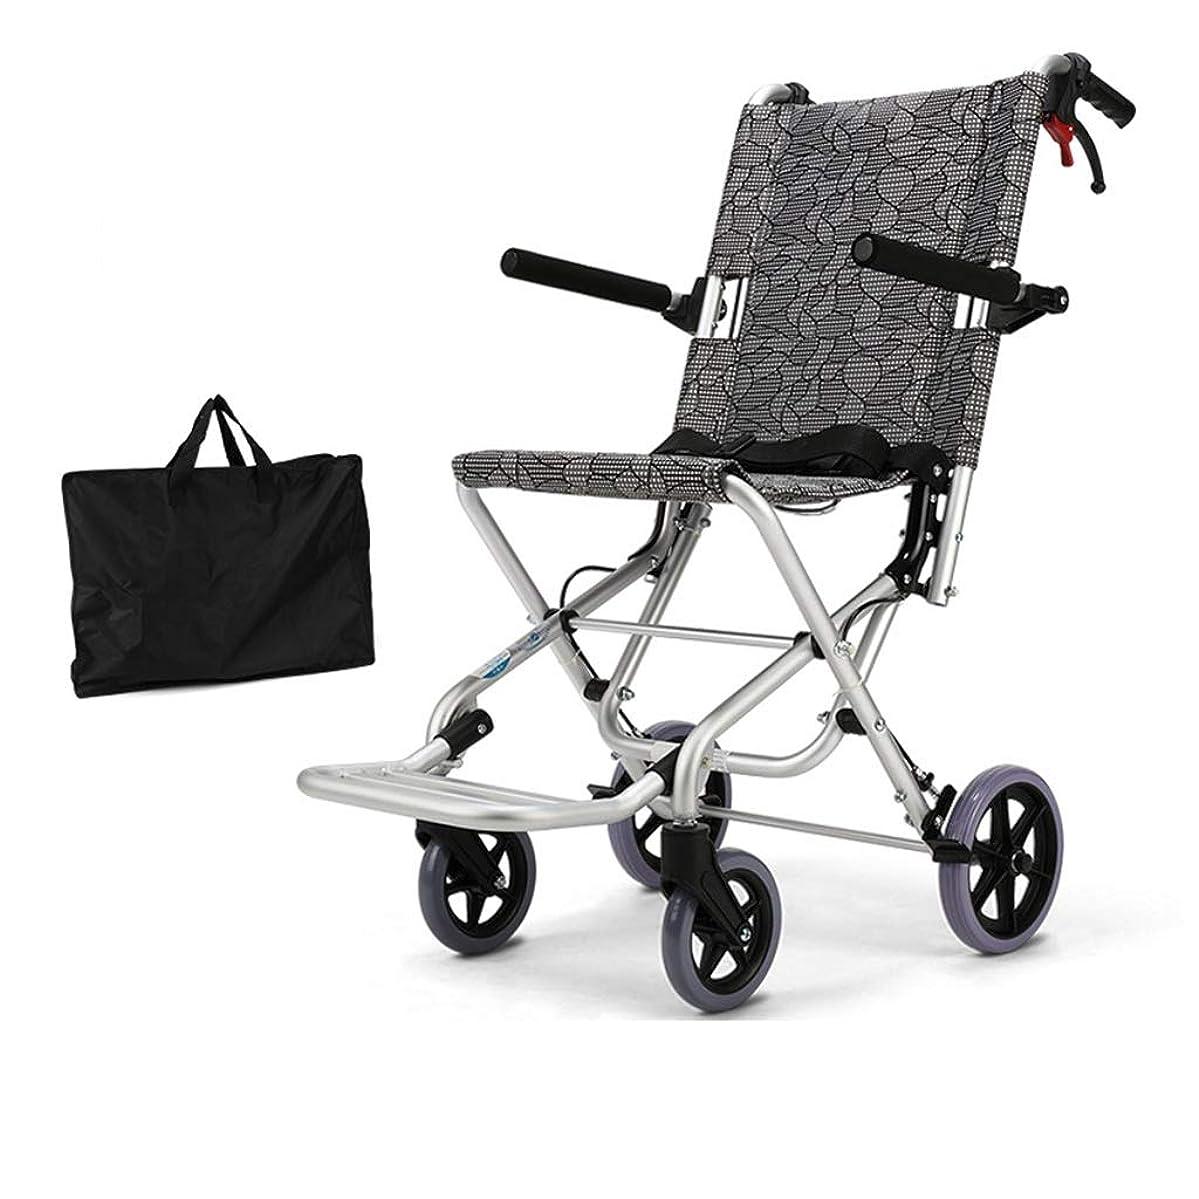 博物館マエストロ色車椅子用アルミニウム合金折りたたみ式、高齢者障害者用ポータブルプッシュ車椅子